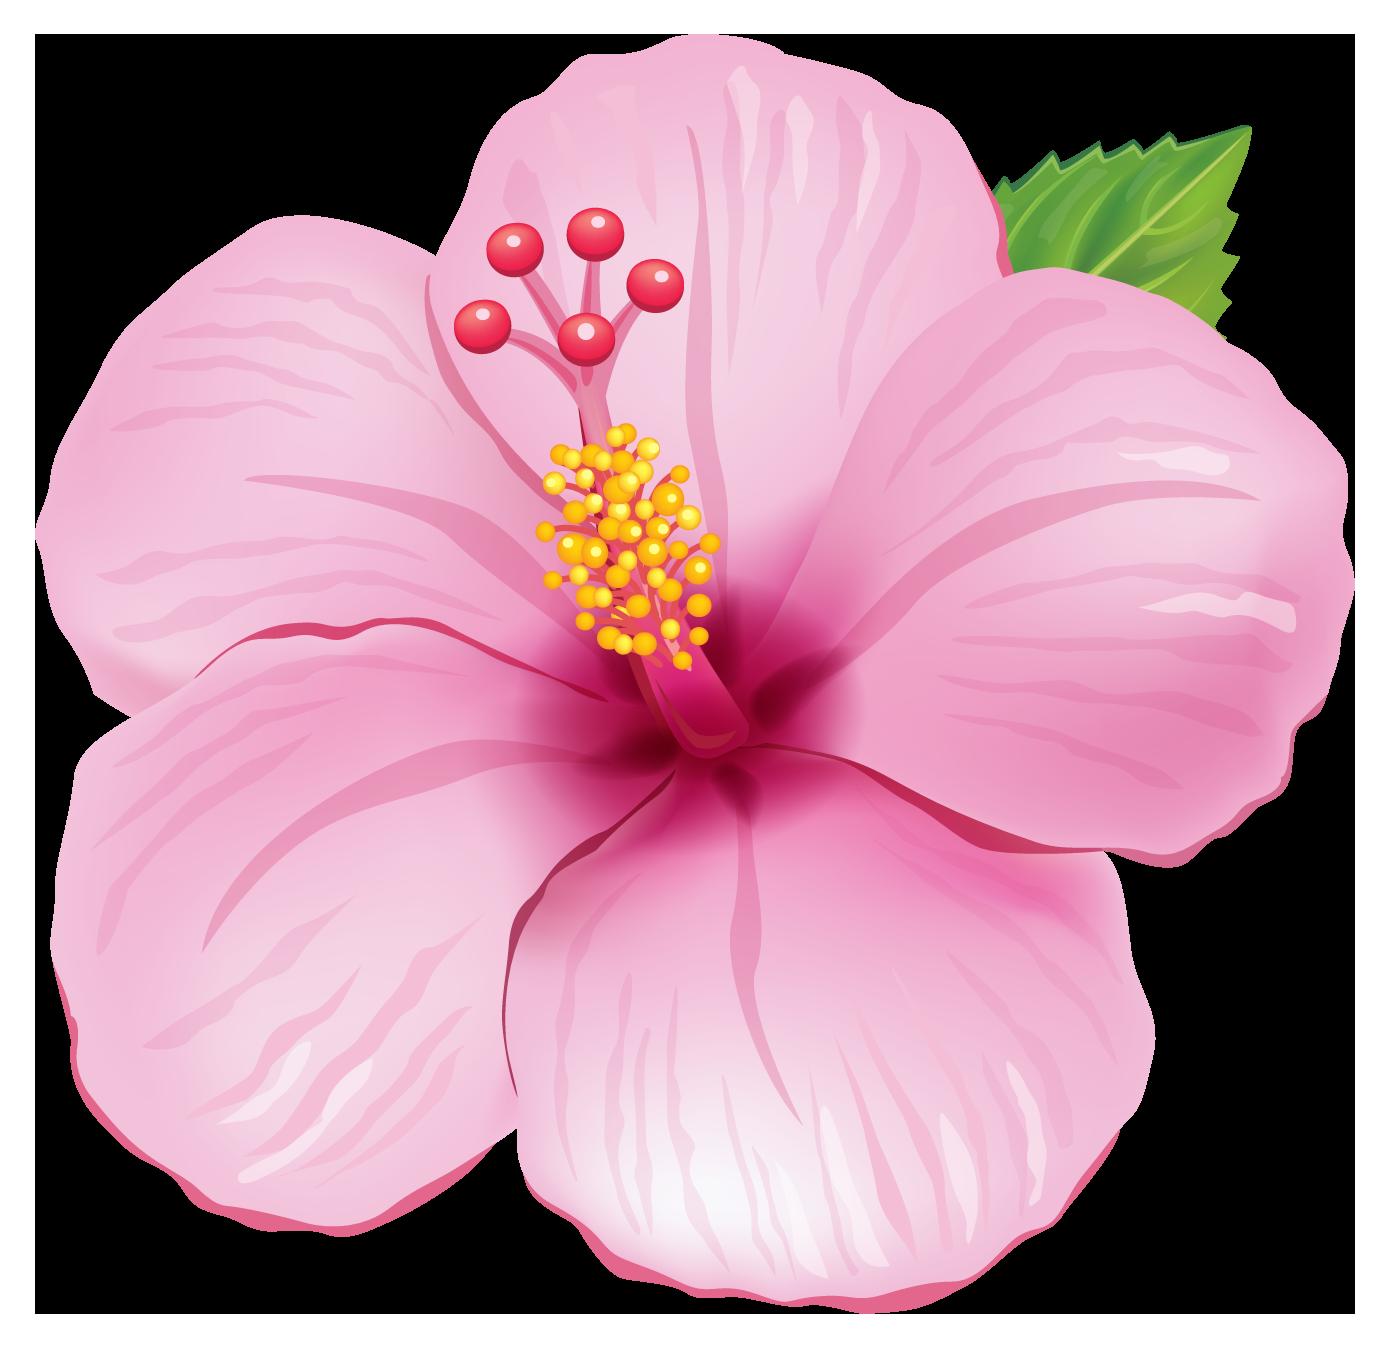 Pin By Diane Matthews On Flowers Pinterest Flowers Flower